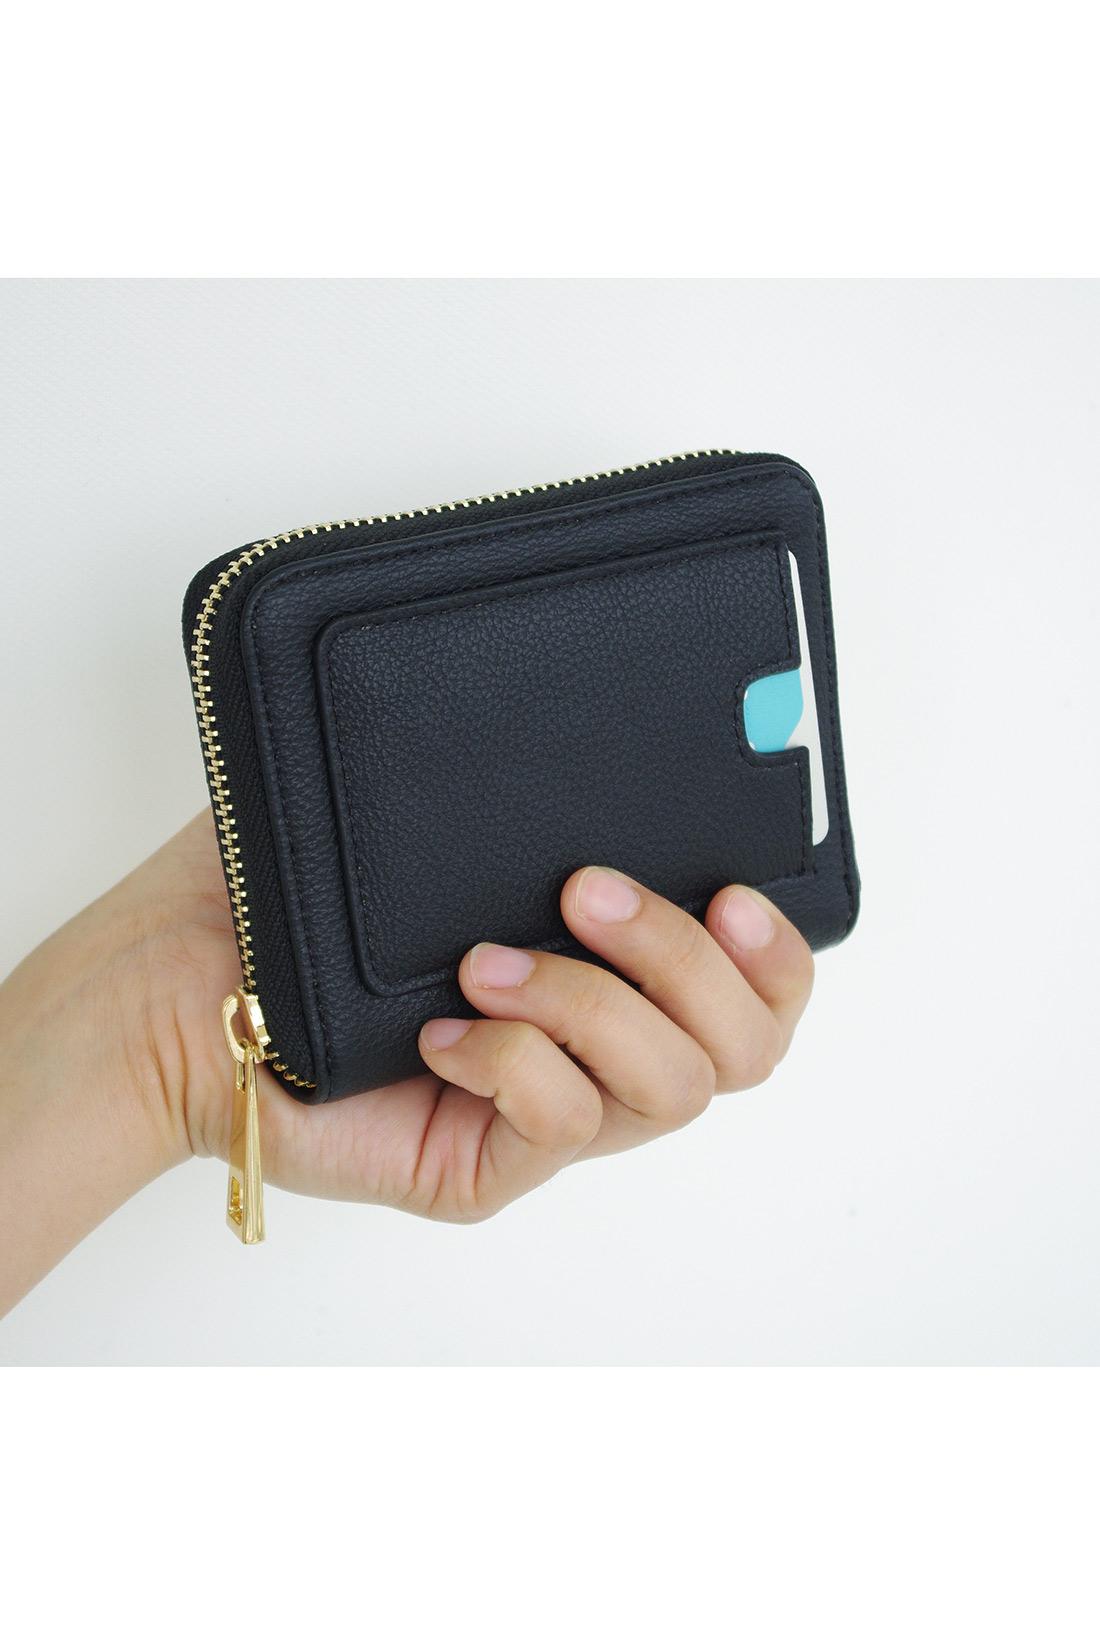 お財布はコンパクトサイズ。